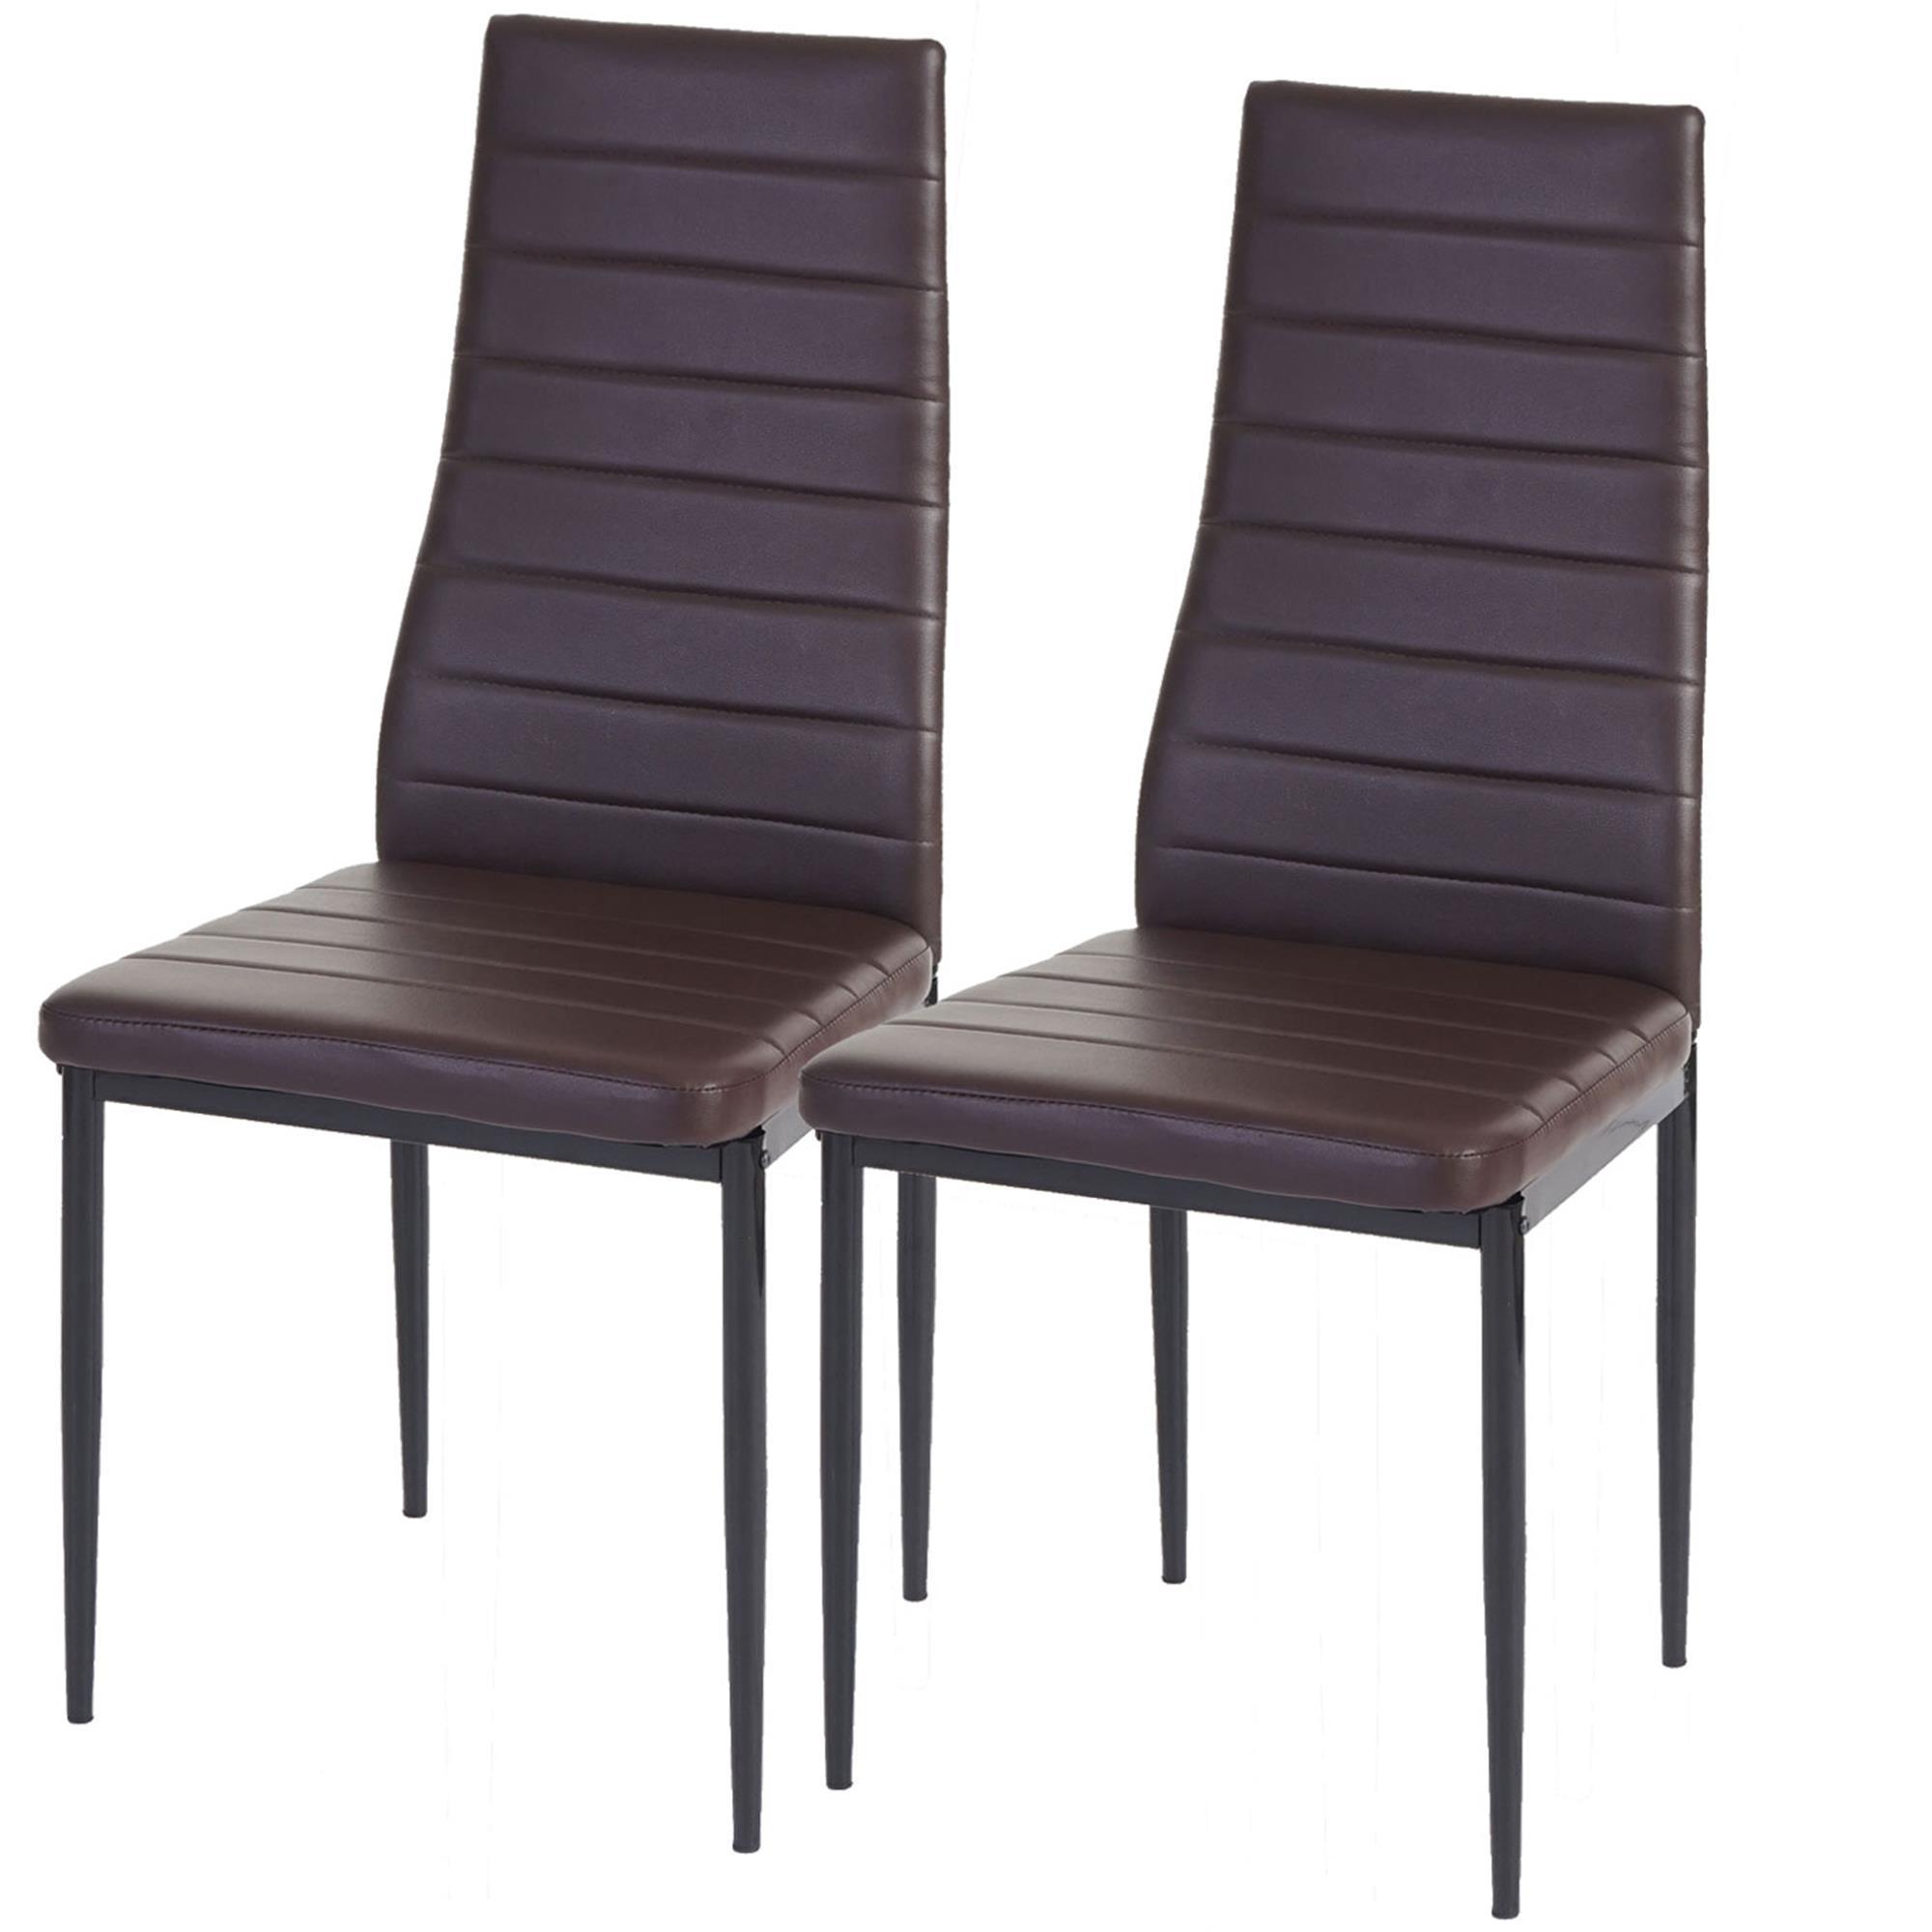 Lote 2 sillas de comedor o cocina kiros gran acolchado for Sillas de cocina tapizadas